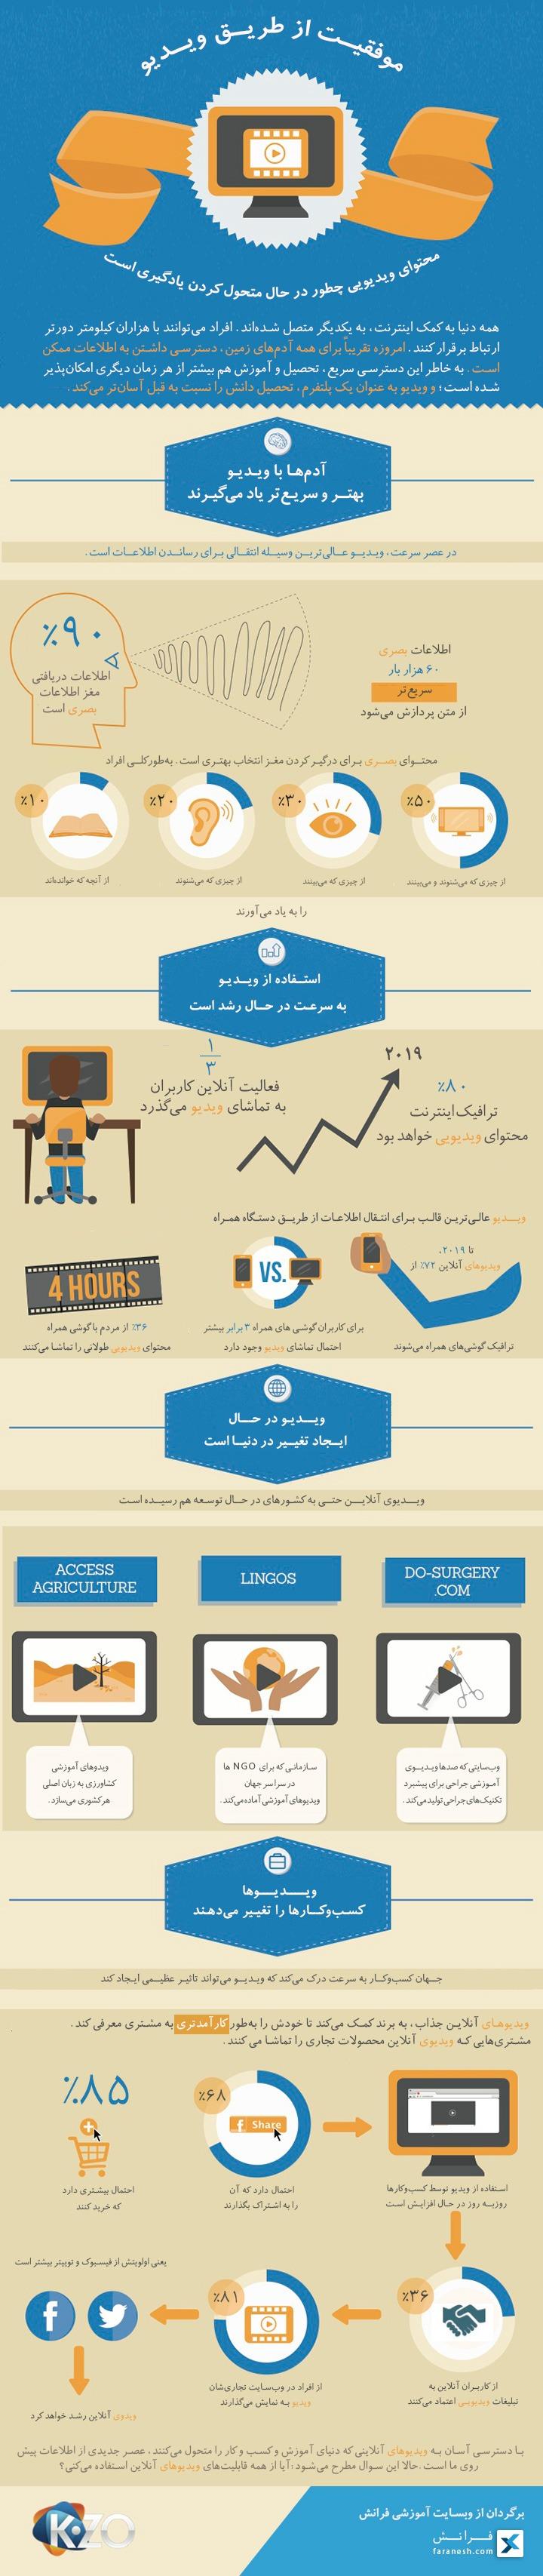 info-video-%d8%a7%db%8c%d9%86%d9%81%d9%88%da%af%d8%b1%d8%a7%d9%81%db%8c-%d9%85%d8%b9%d8%b1%d9%81%db%8c-%d9%85%d9%88%d9%81%d9%82%db%8c%d8%aa%d9%87%d8%a7%db%8c-%d9%88%db%8c%d8%af%db%8c%d9%88-%d8%af